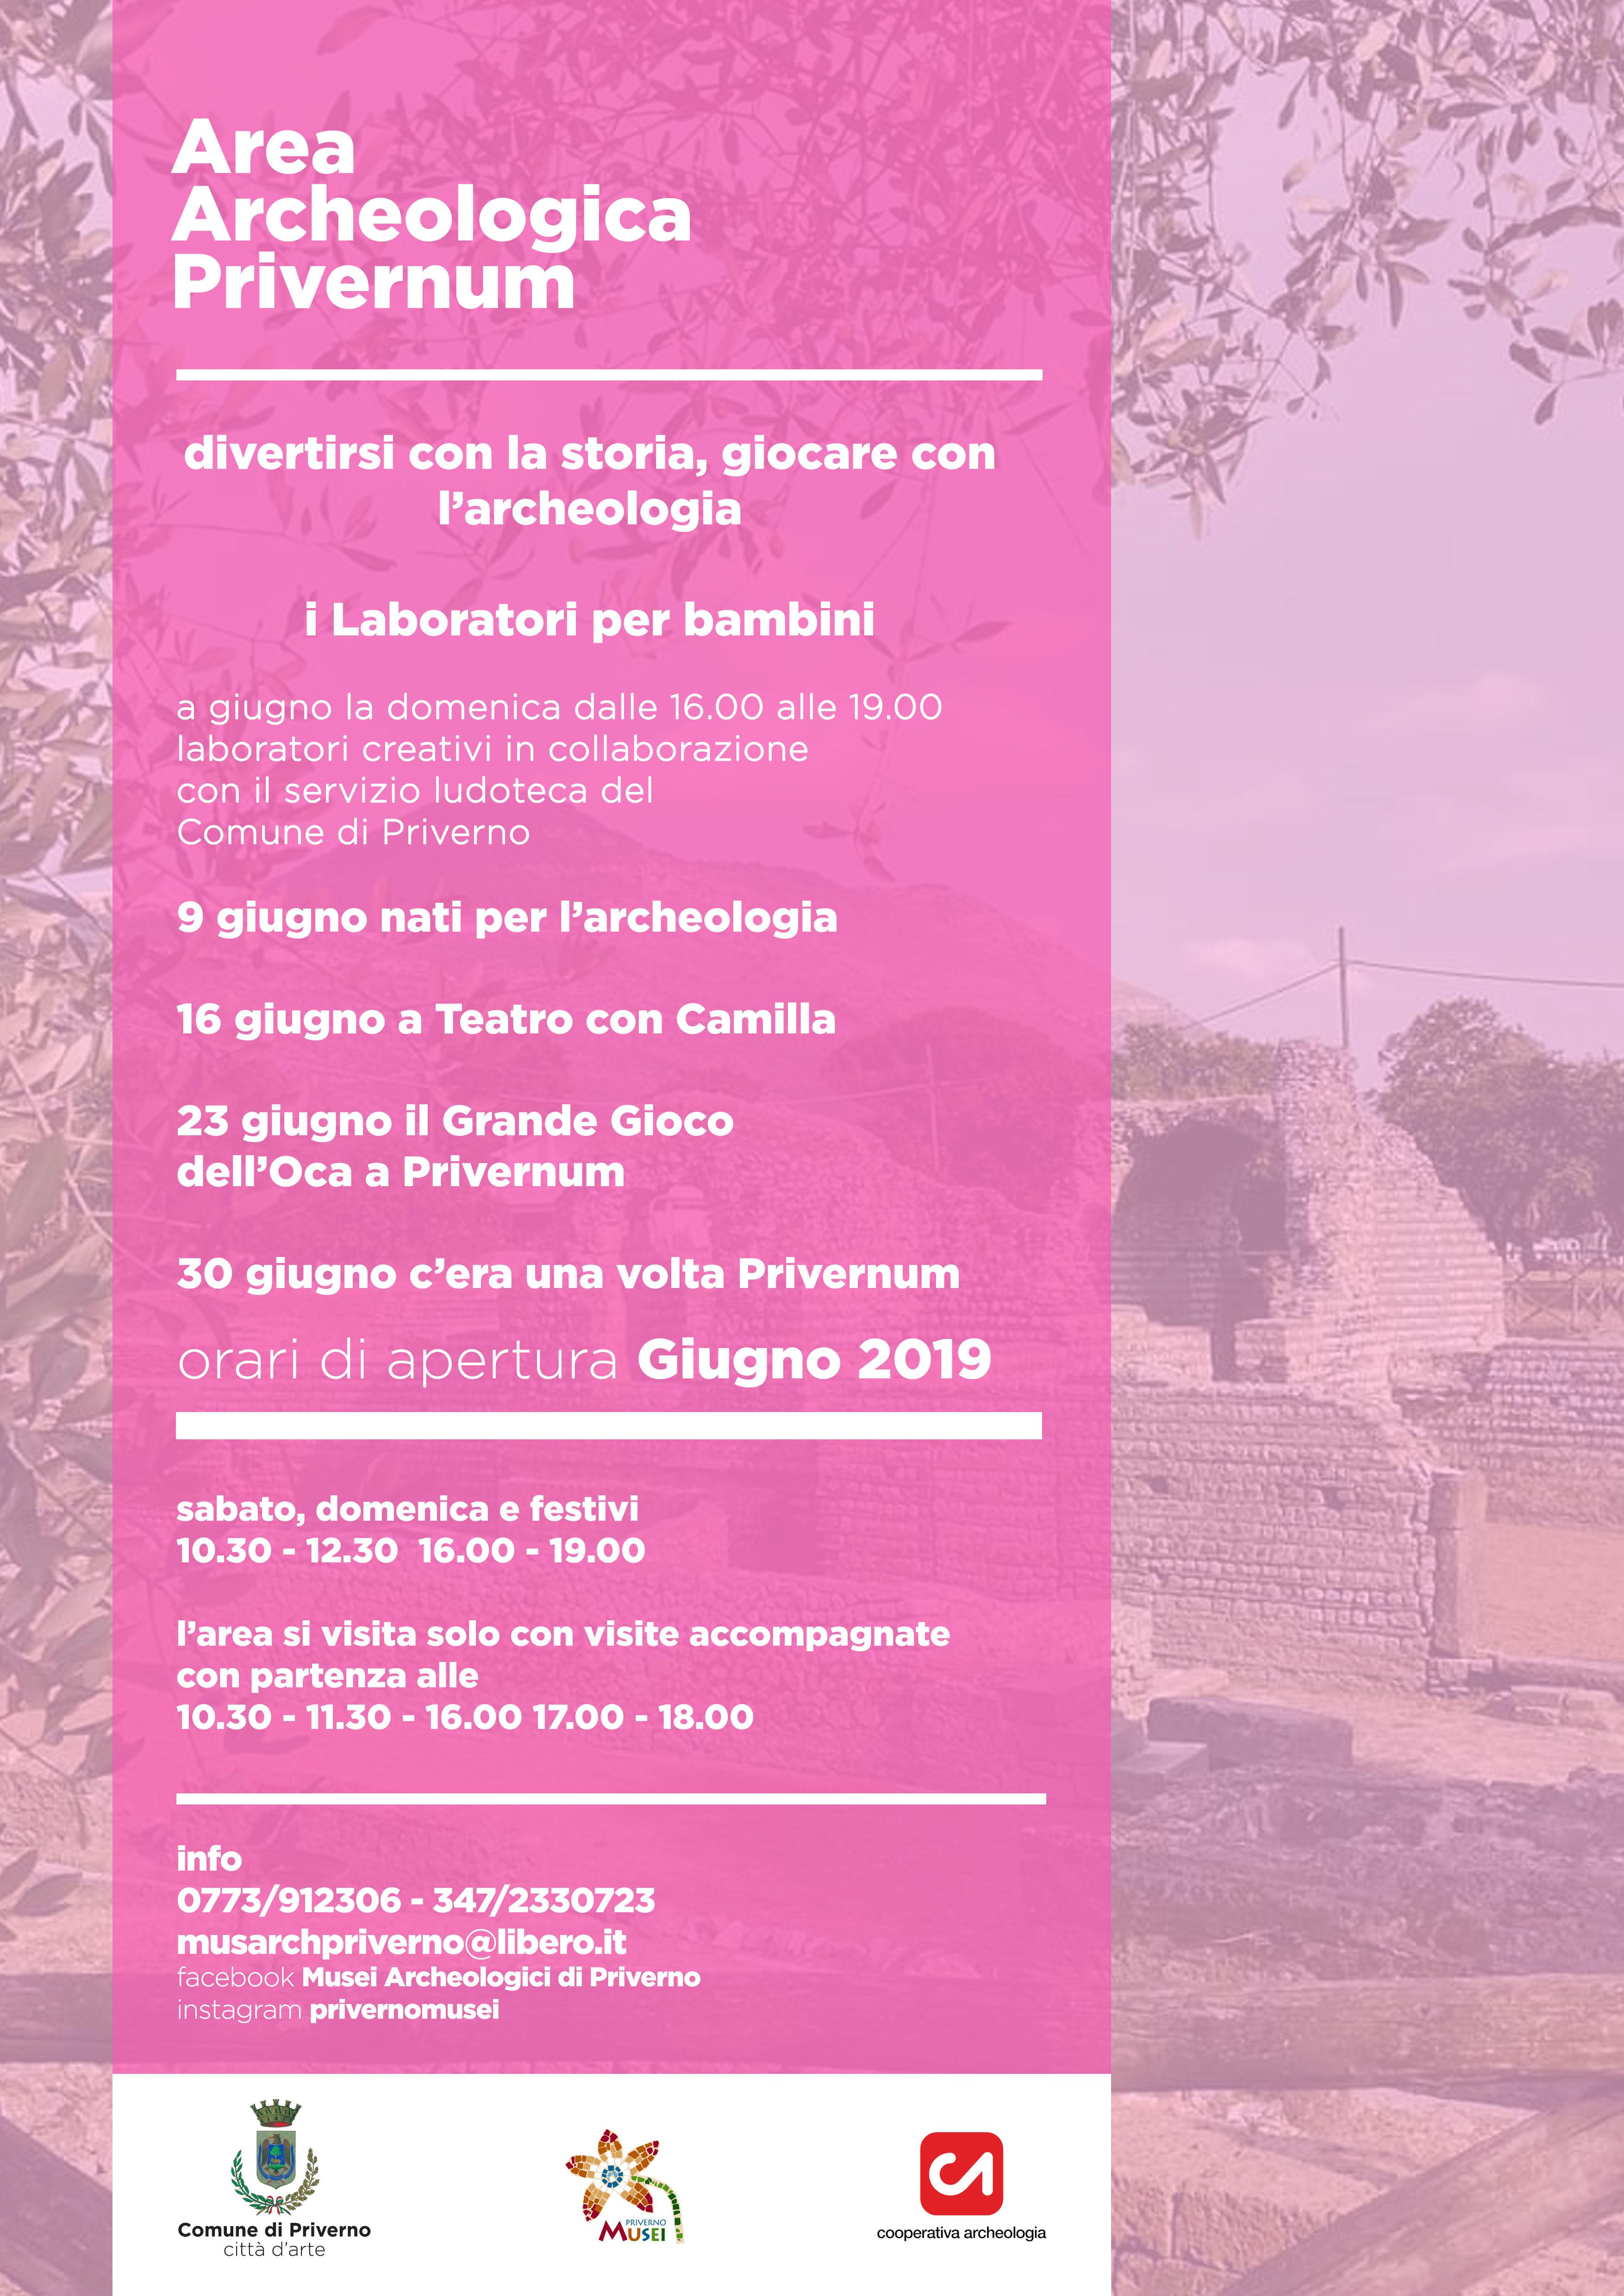 Priverno: Area archeologica - Laboratori per bambini @ Area archeologica  | Priverno | Lazio | Italia